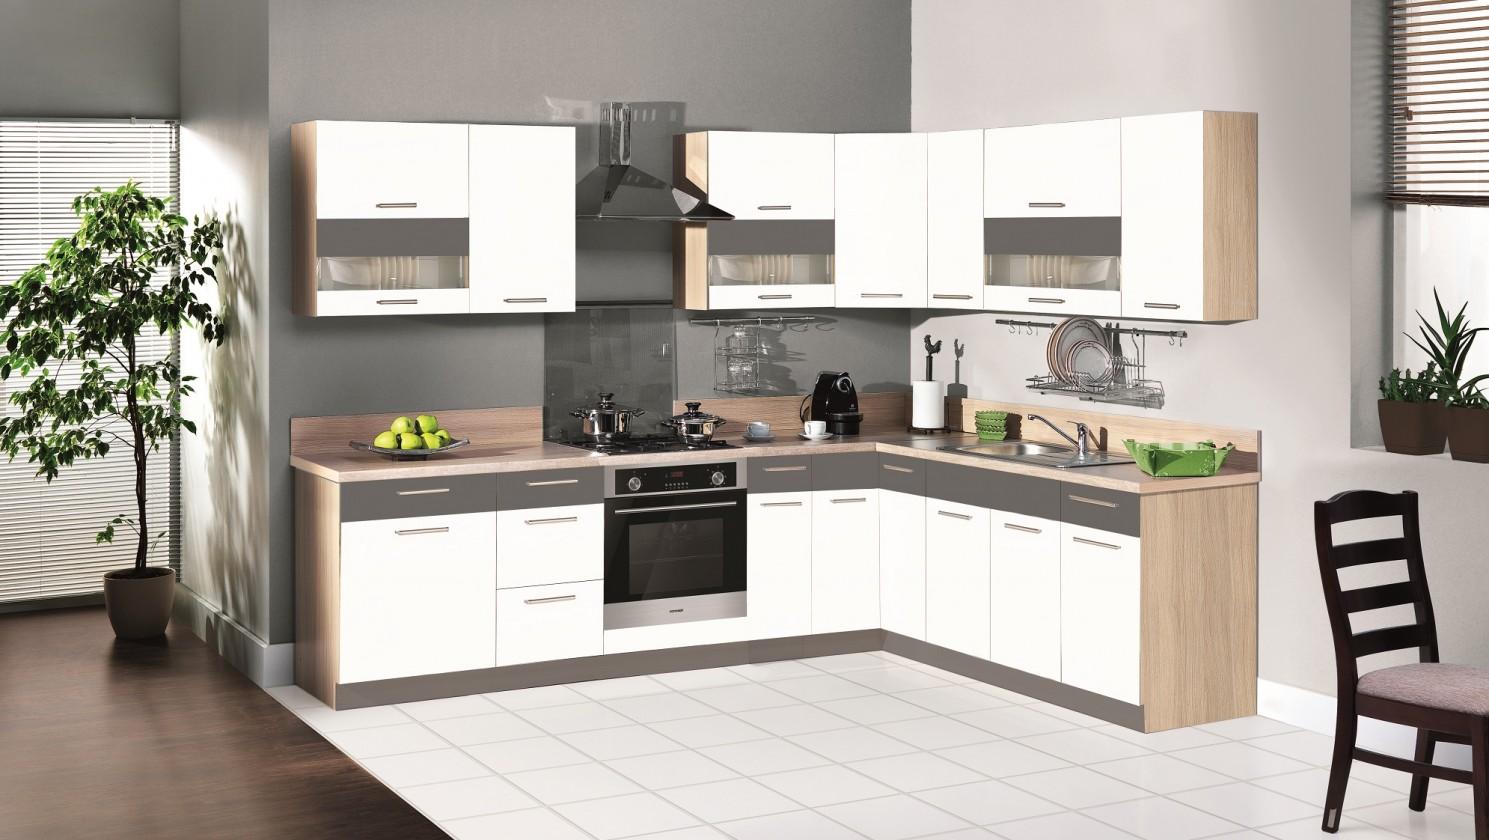 Rohová Kuchyně Marina levý roh 285x210 cm (bílá vysoký lesk/grafit)